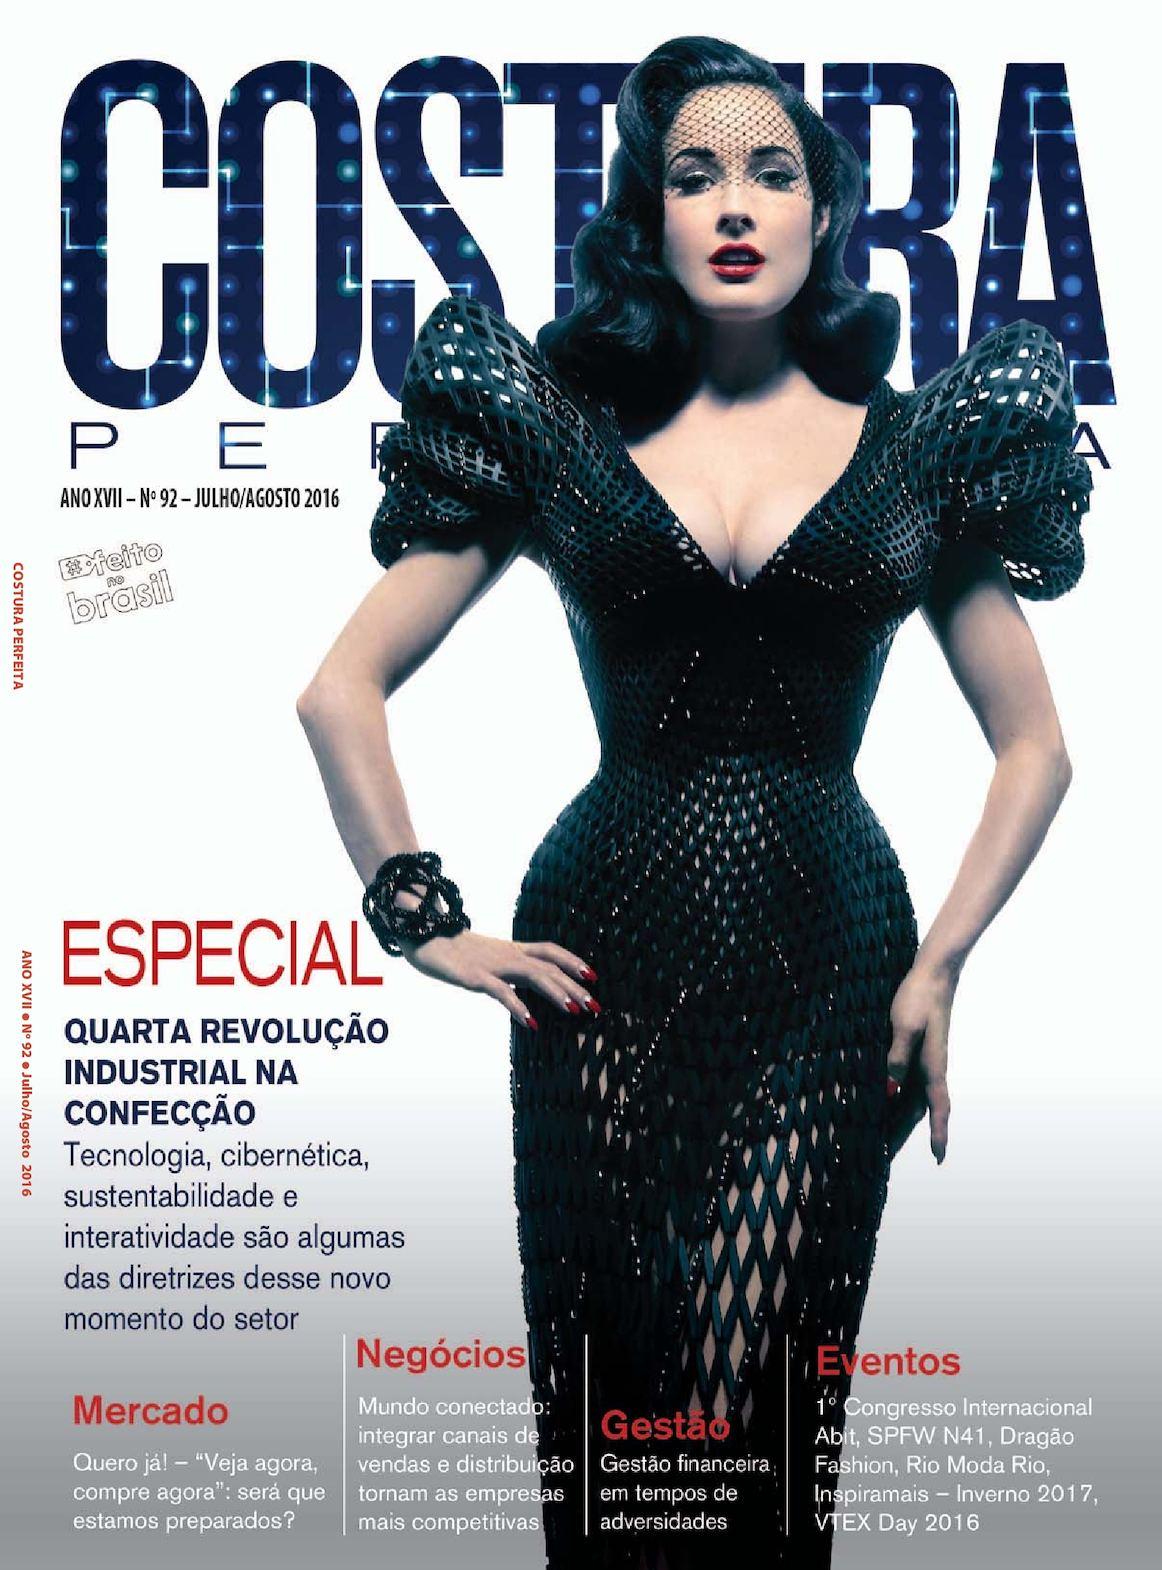 Calaméo - Revista Costura Perfeita Edição Ano XVII - N92 - Julho - Agosto  2016 8f2f5bdeda06d